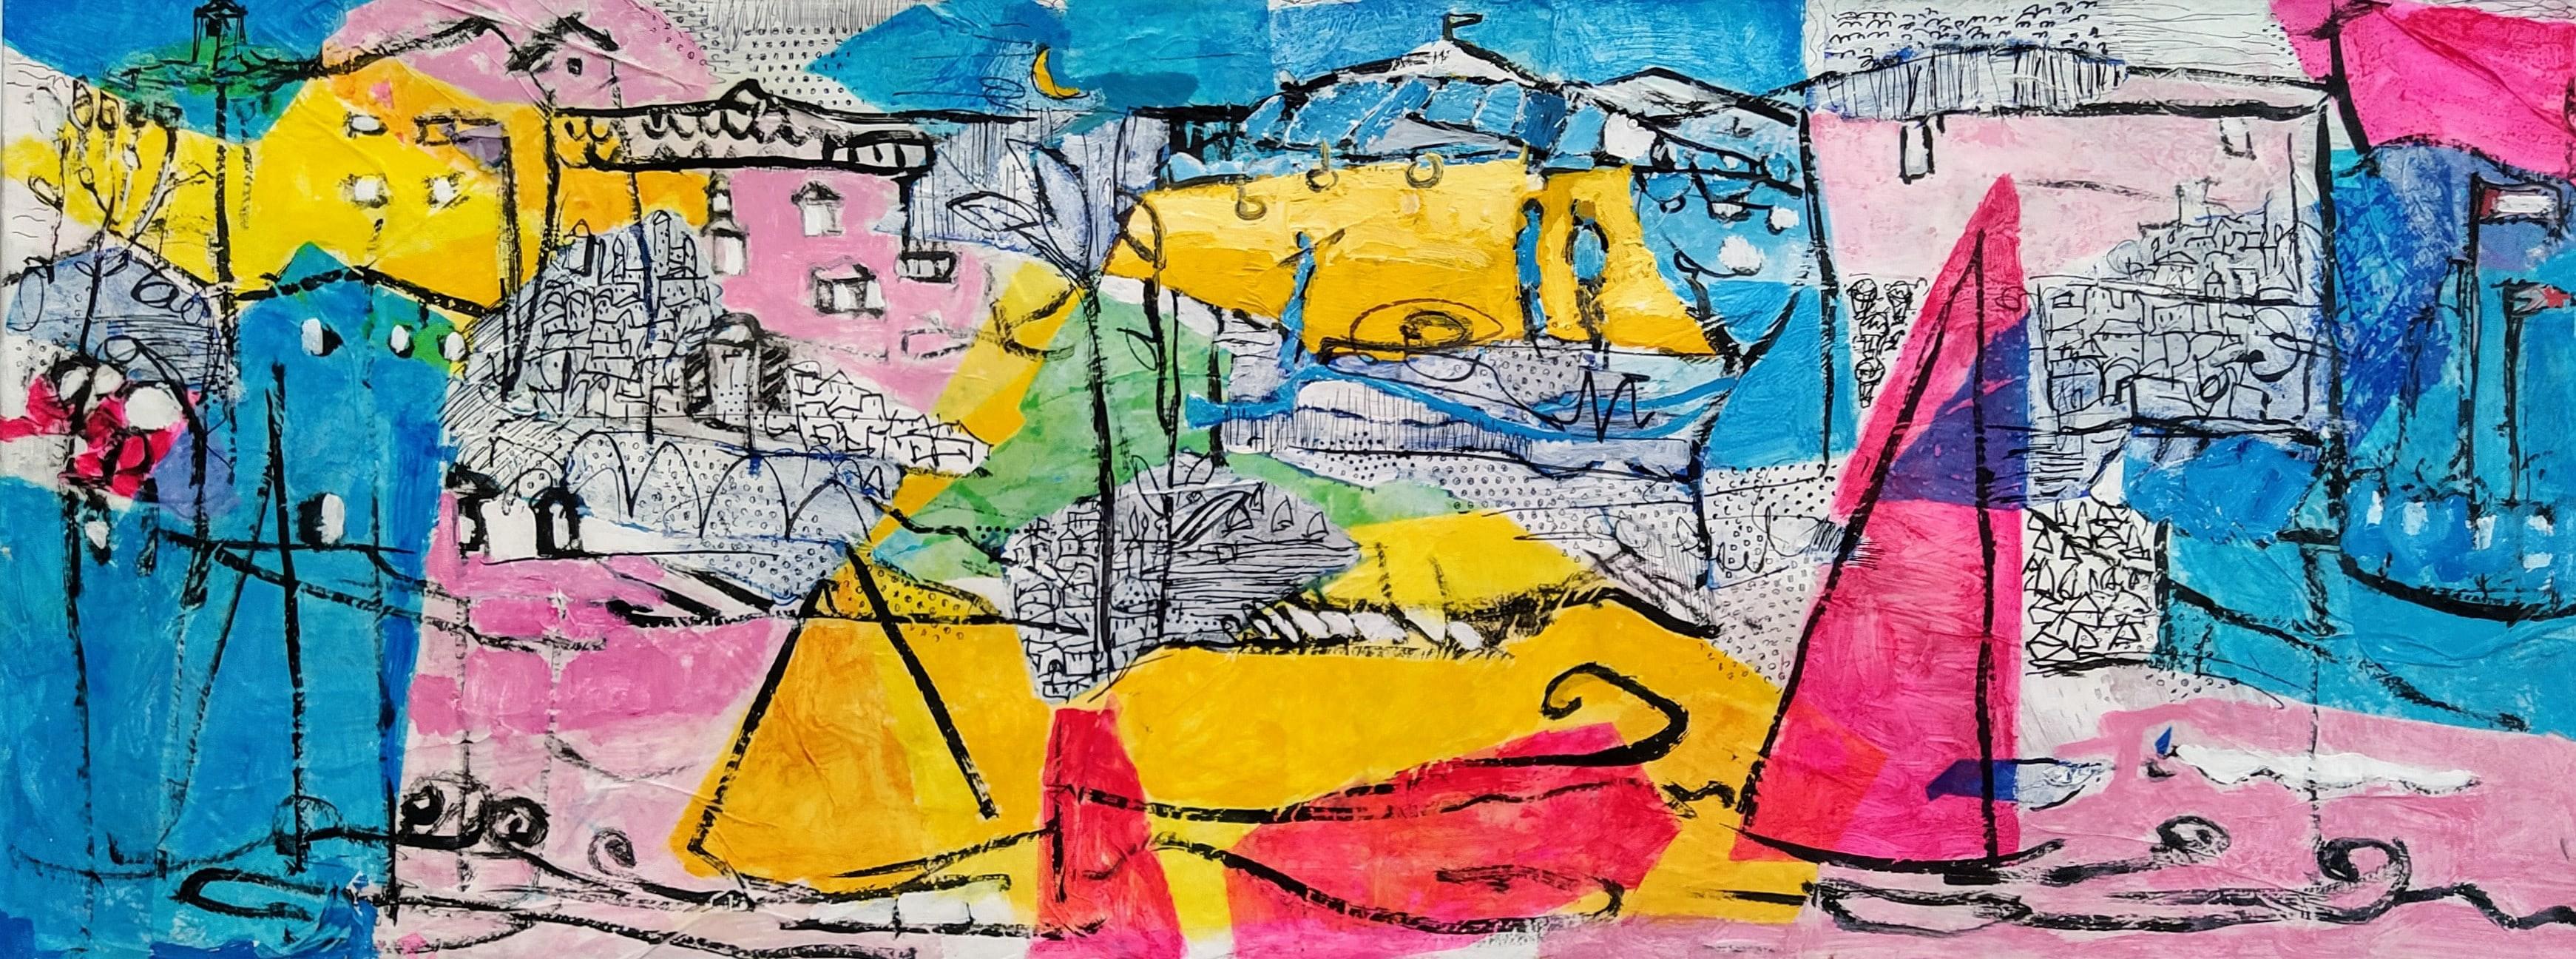 Pietro Dreamlike Non-sense and consequent landscape 130x50